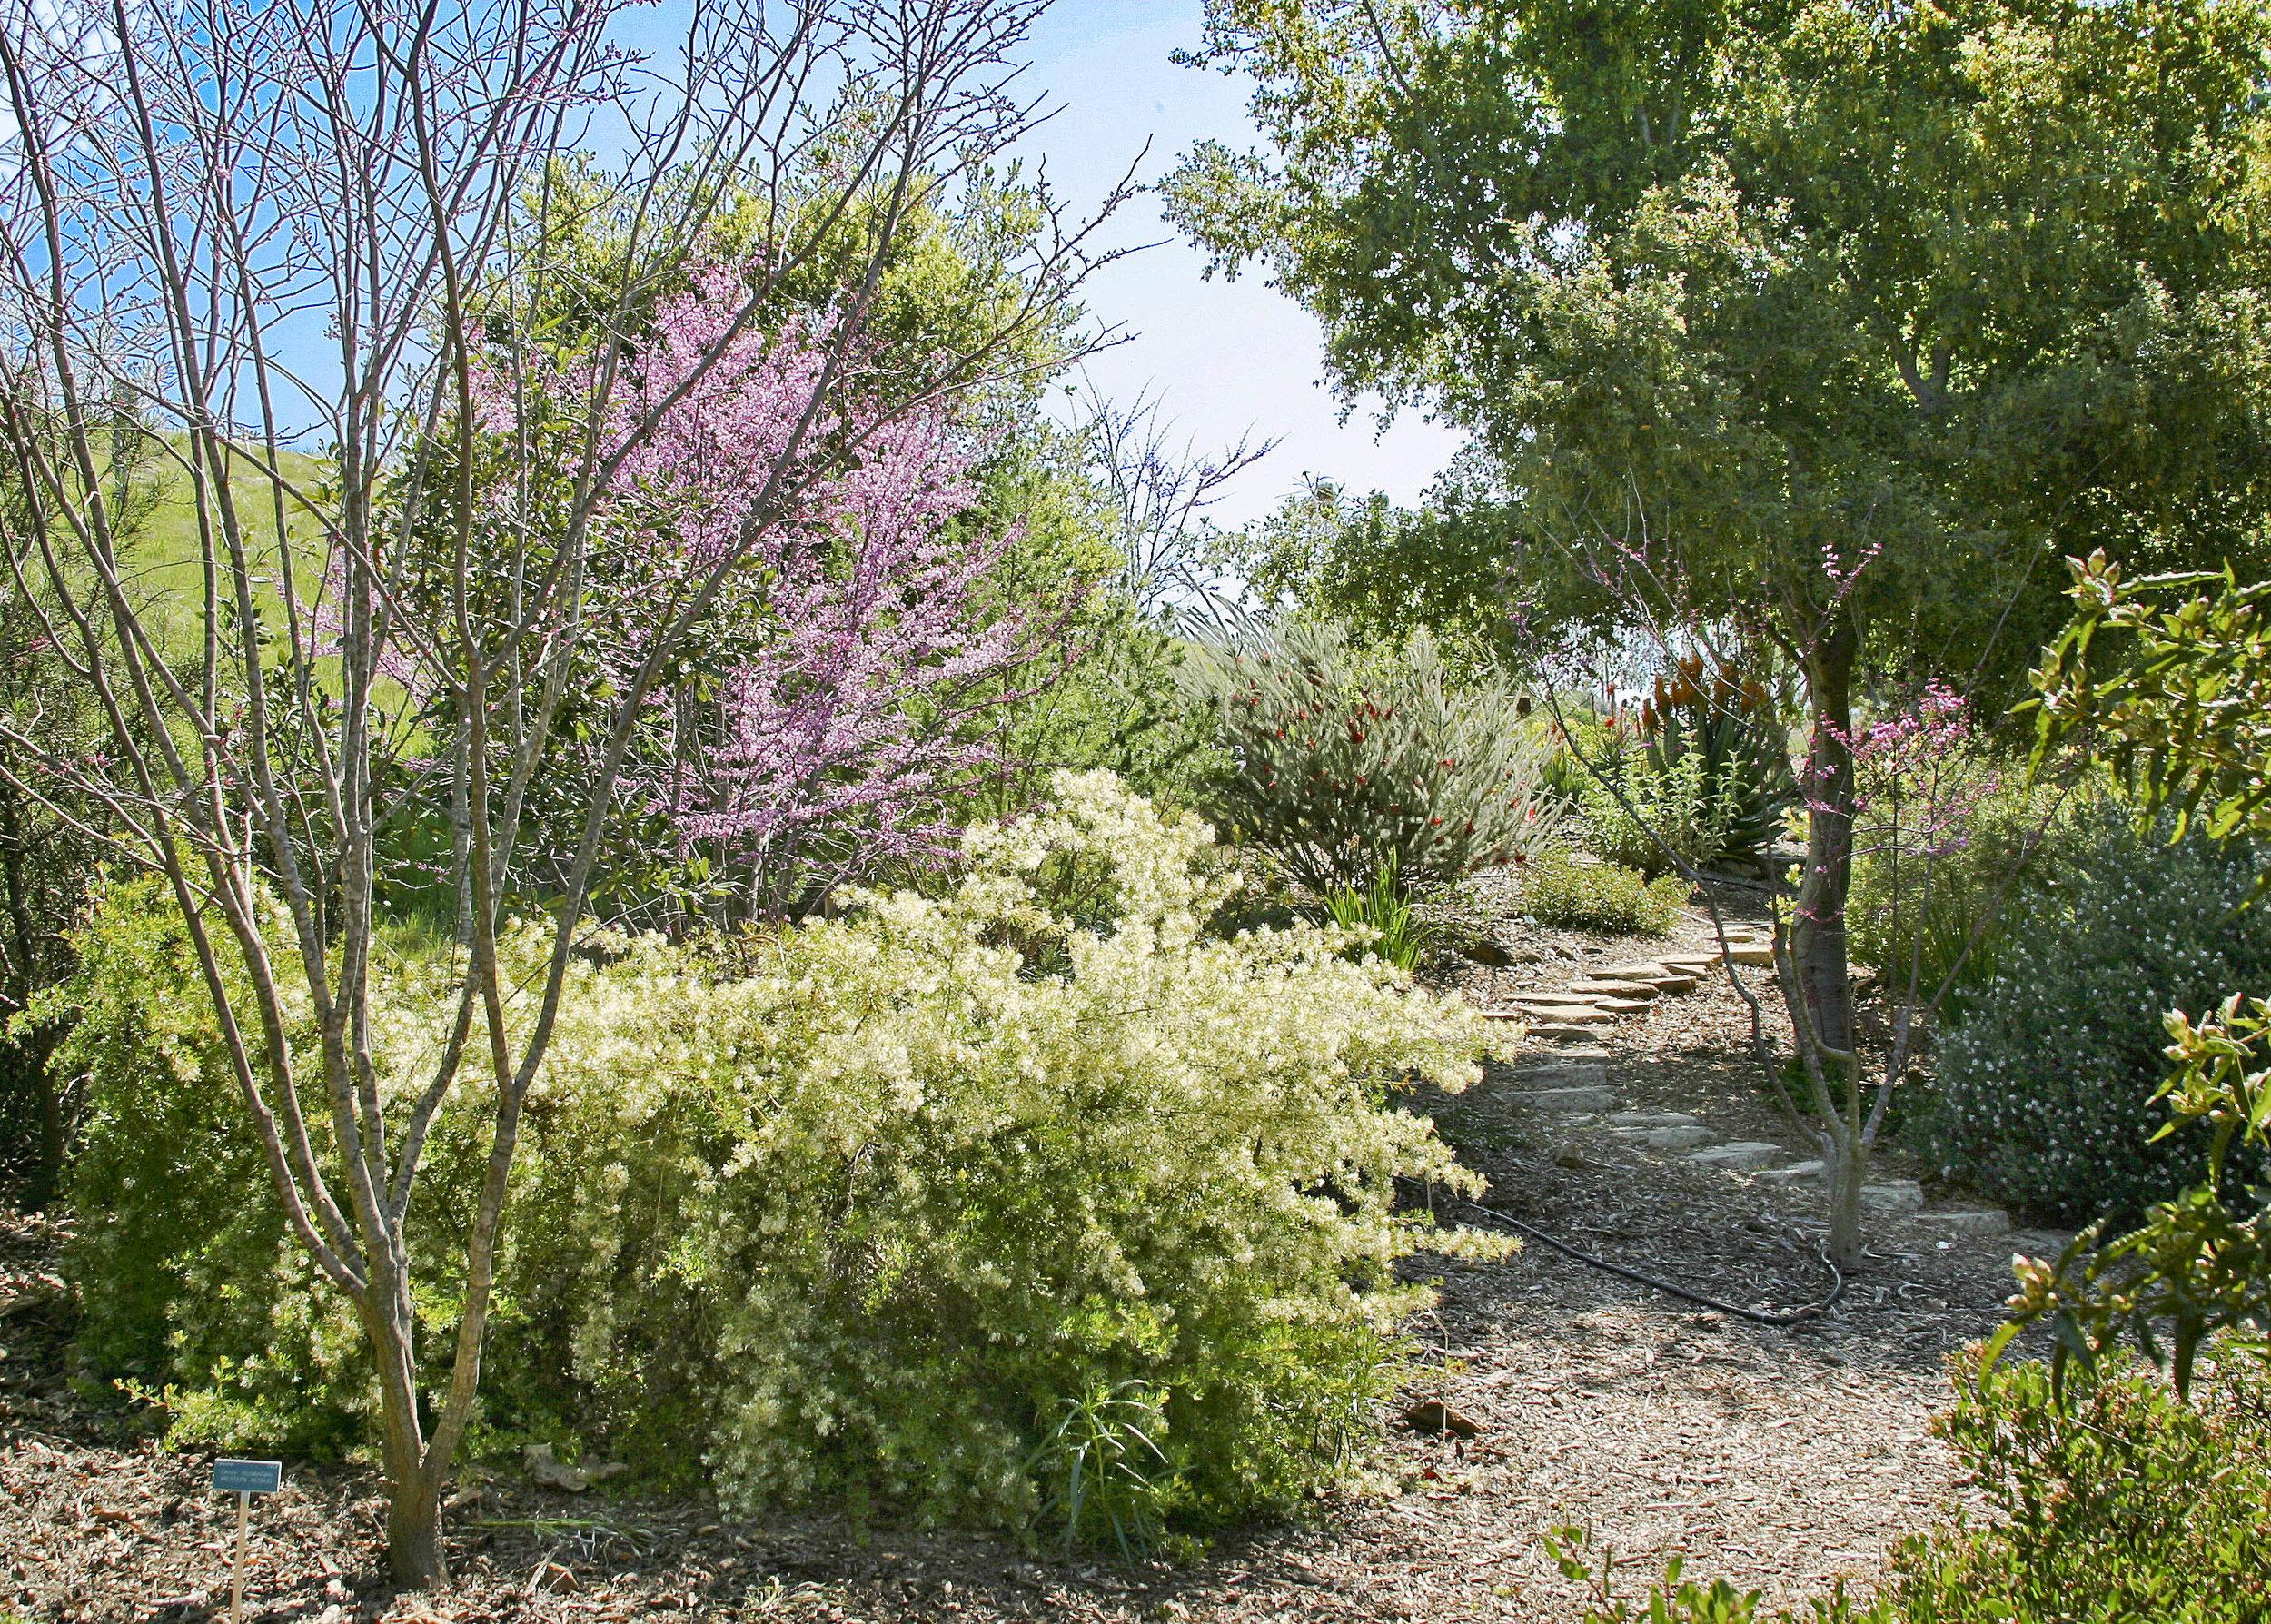 1 San Luis Obispo Botanical Garden.jpeg